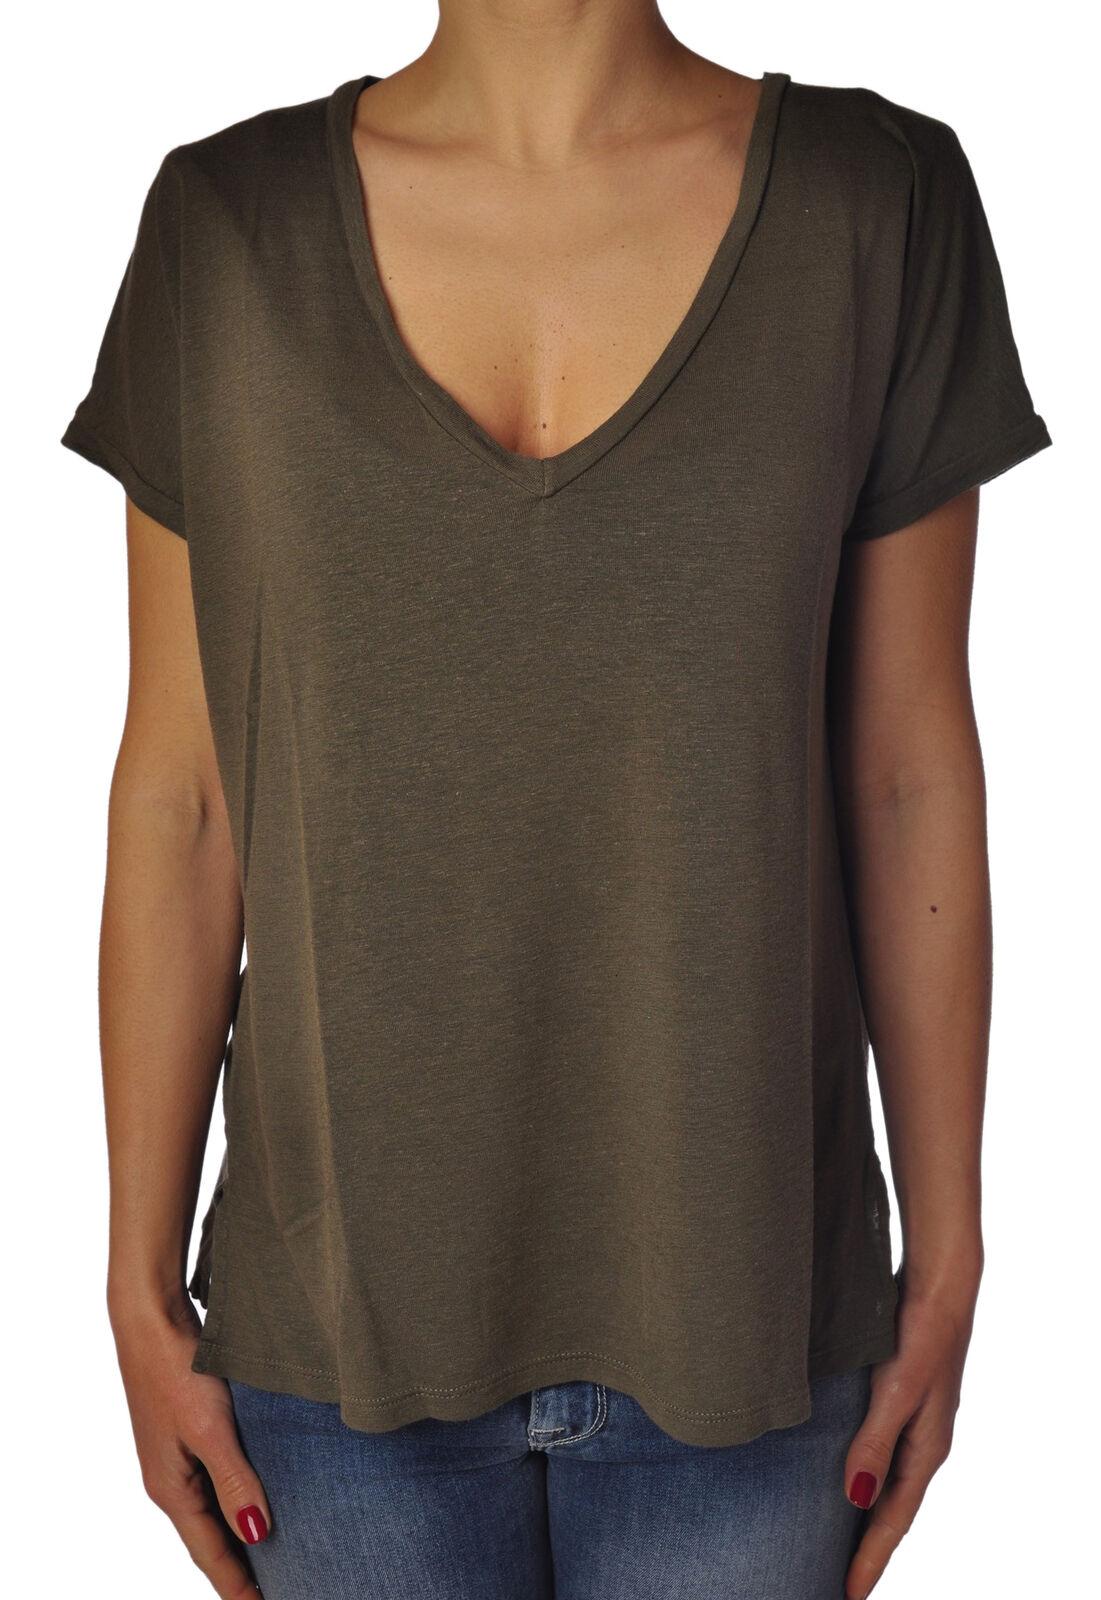 Soallure - Topwear-T-shirts - frau - Grün - 774017C184150